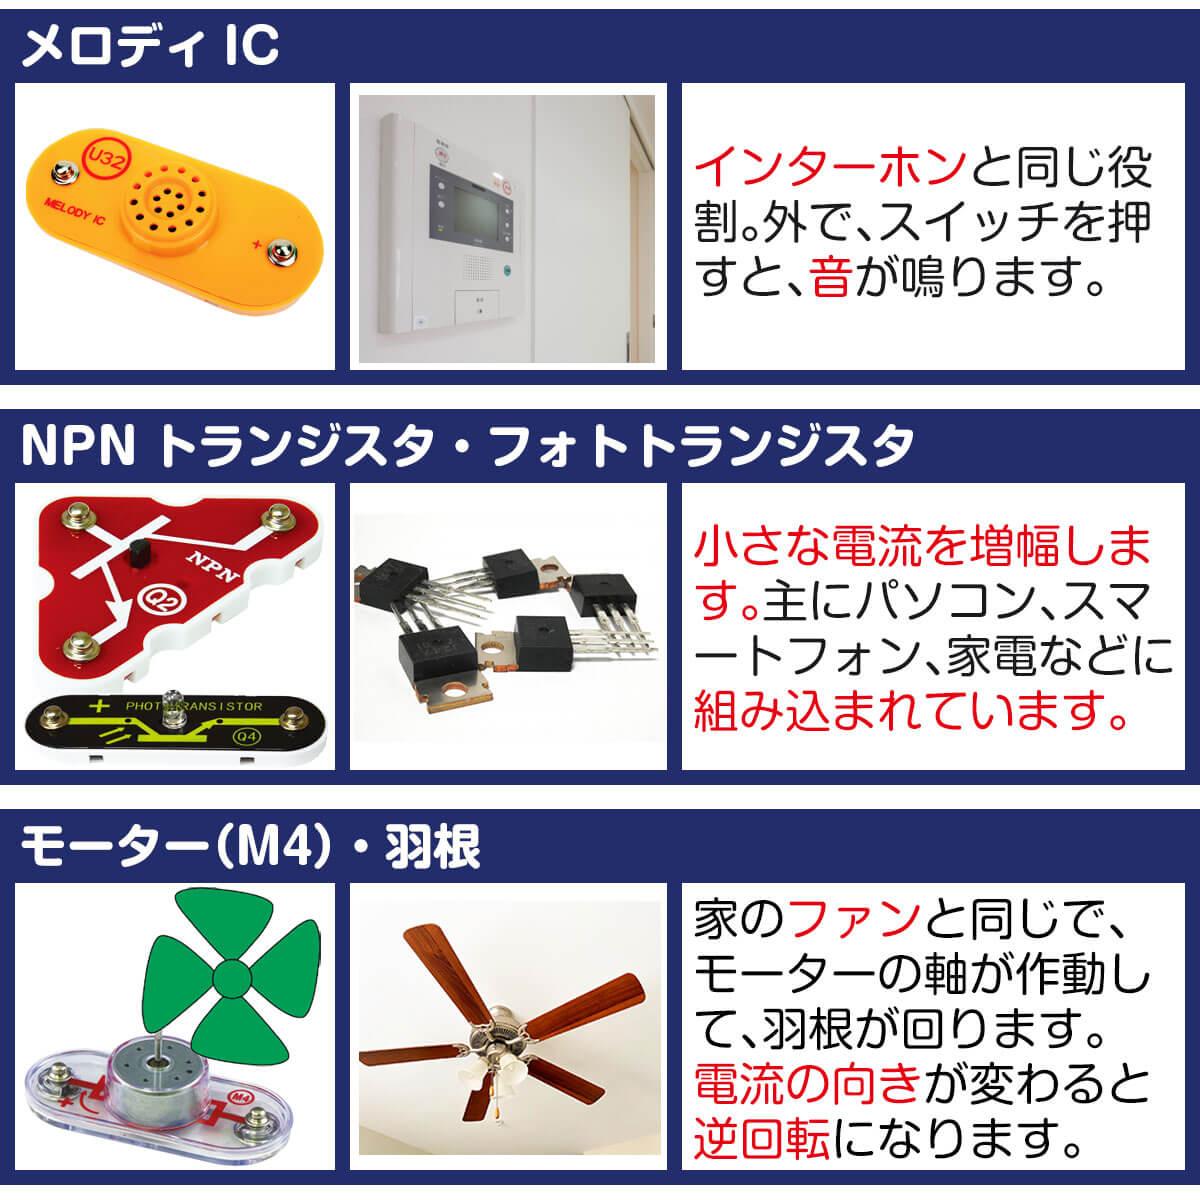 電脳サーキット マイホームのパーツ紹介5